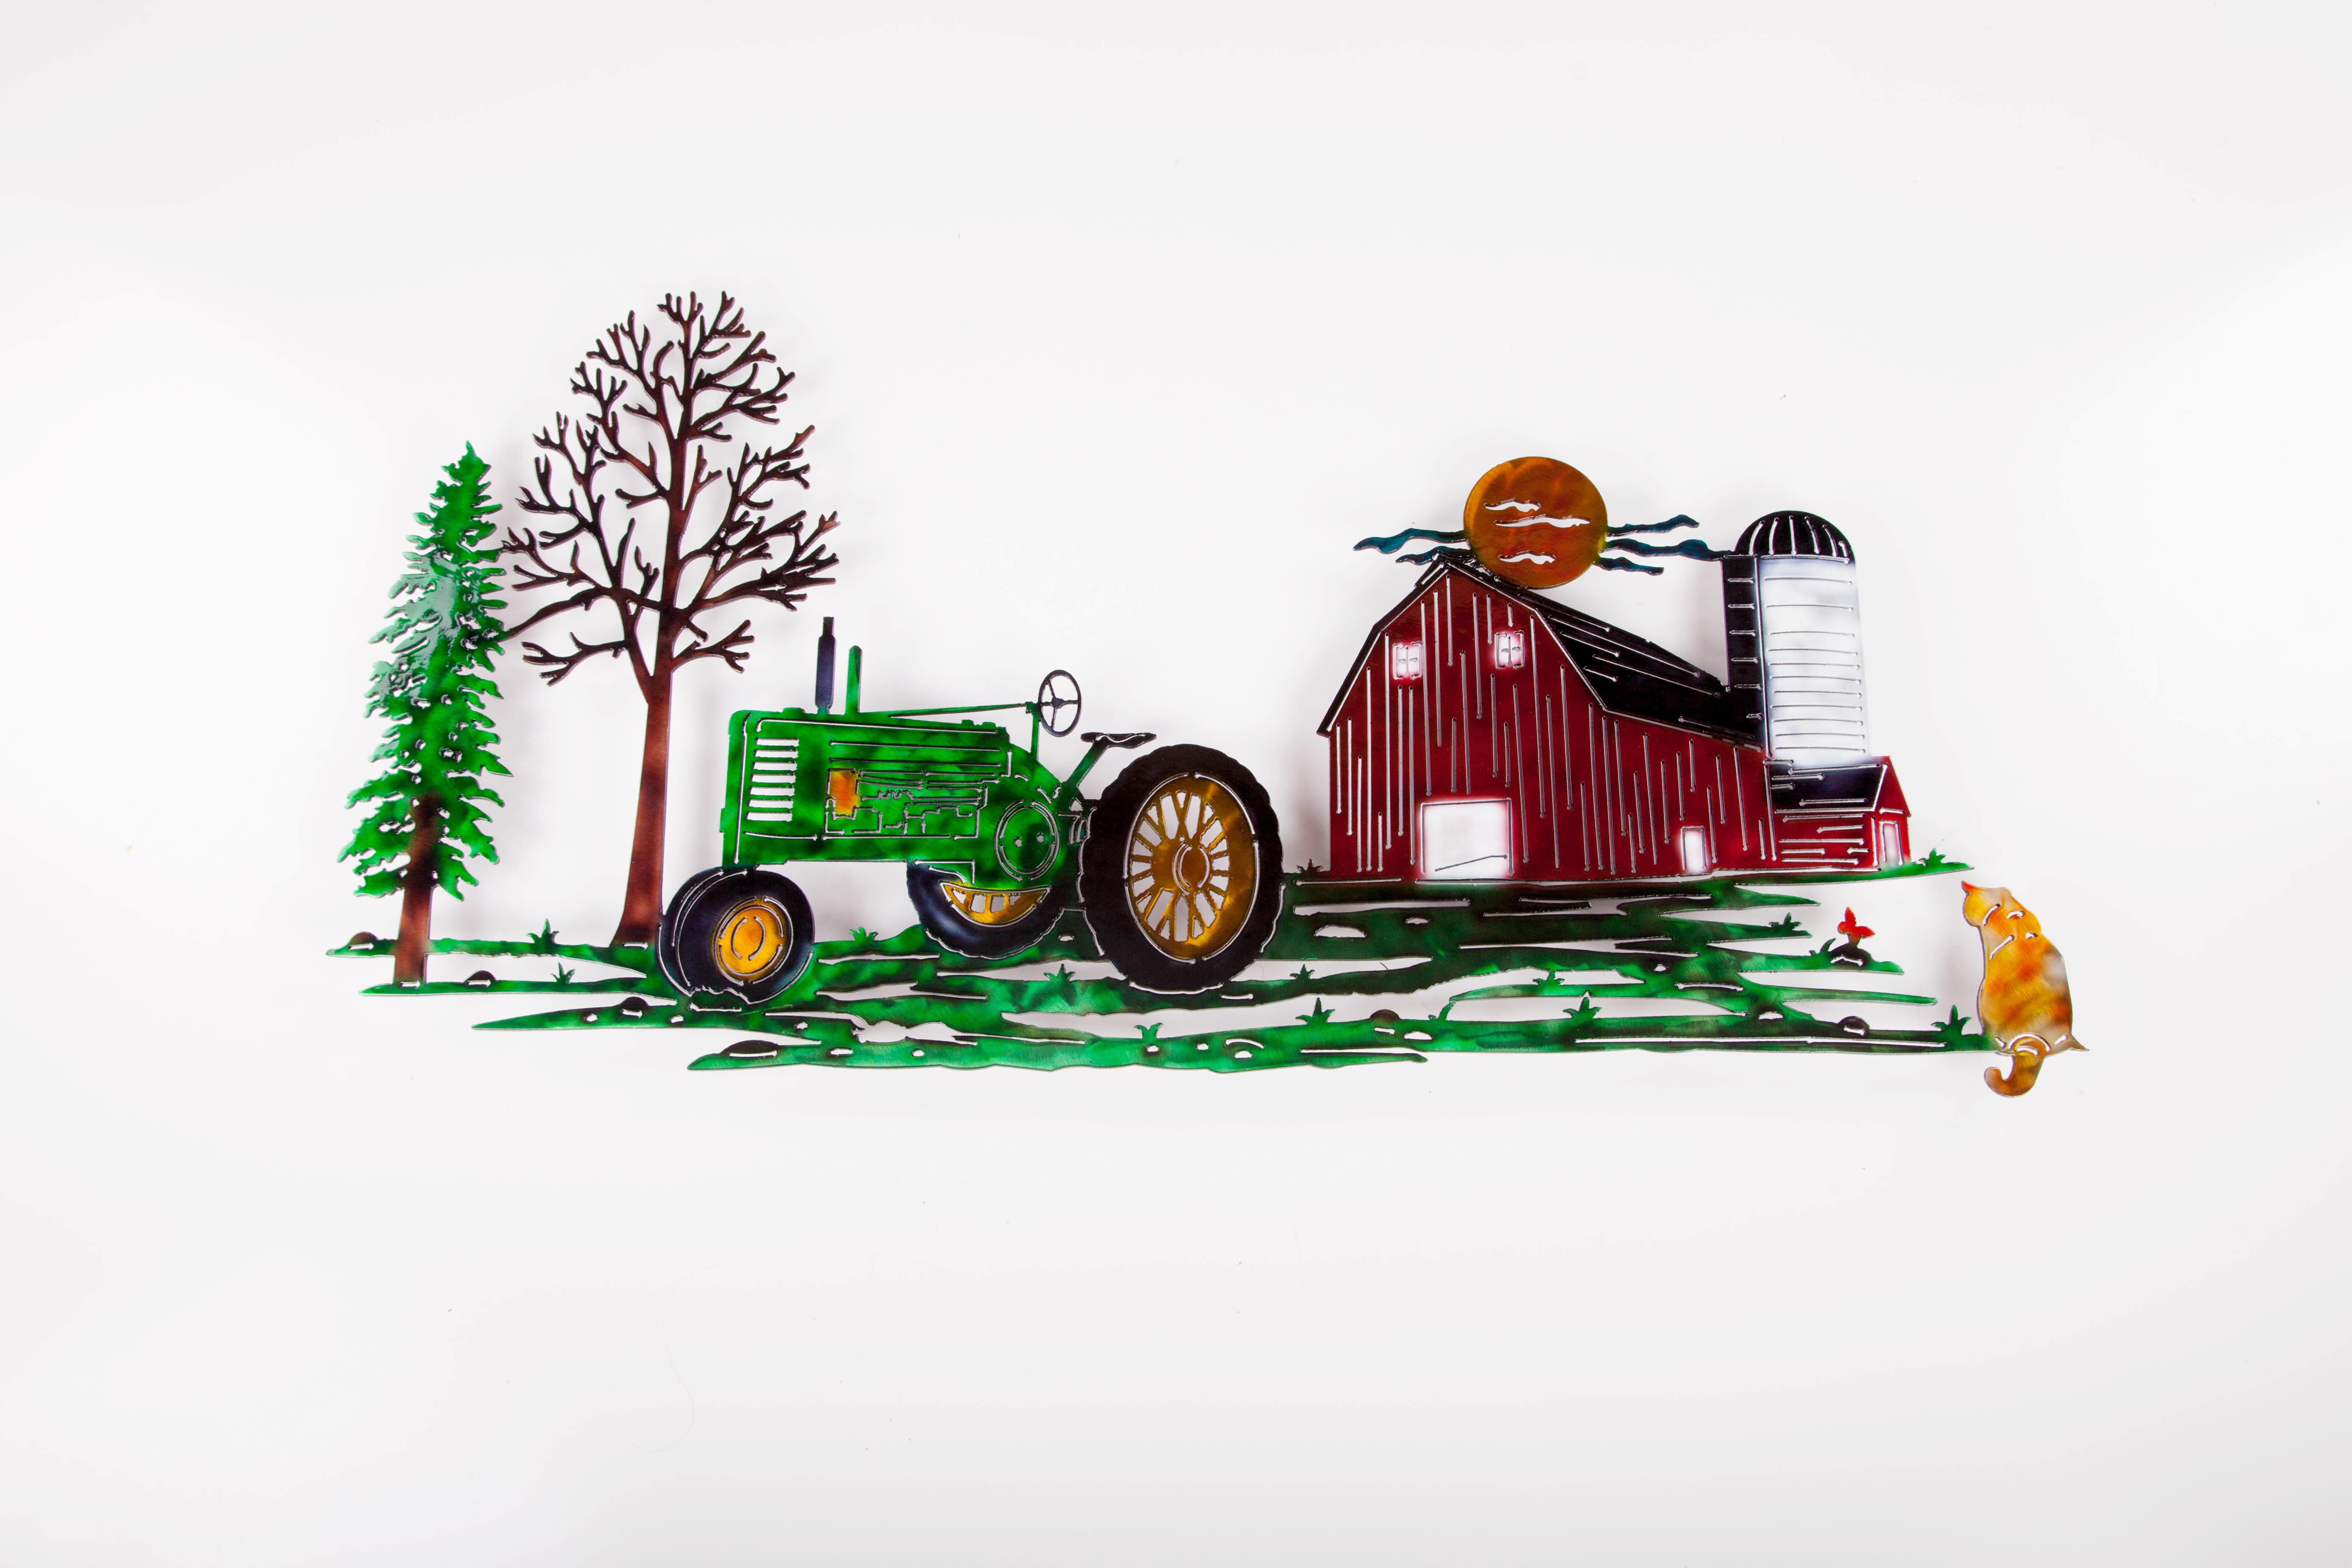 Tractor Scene - Green w/ Cat